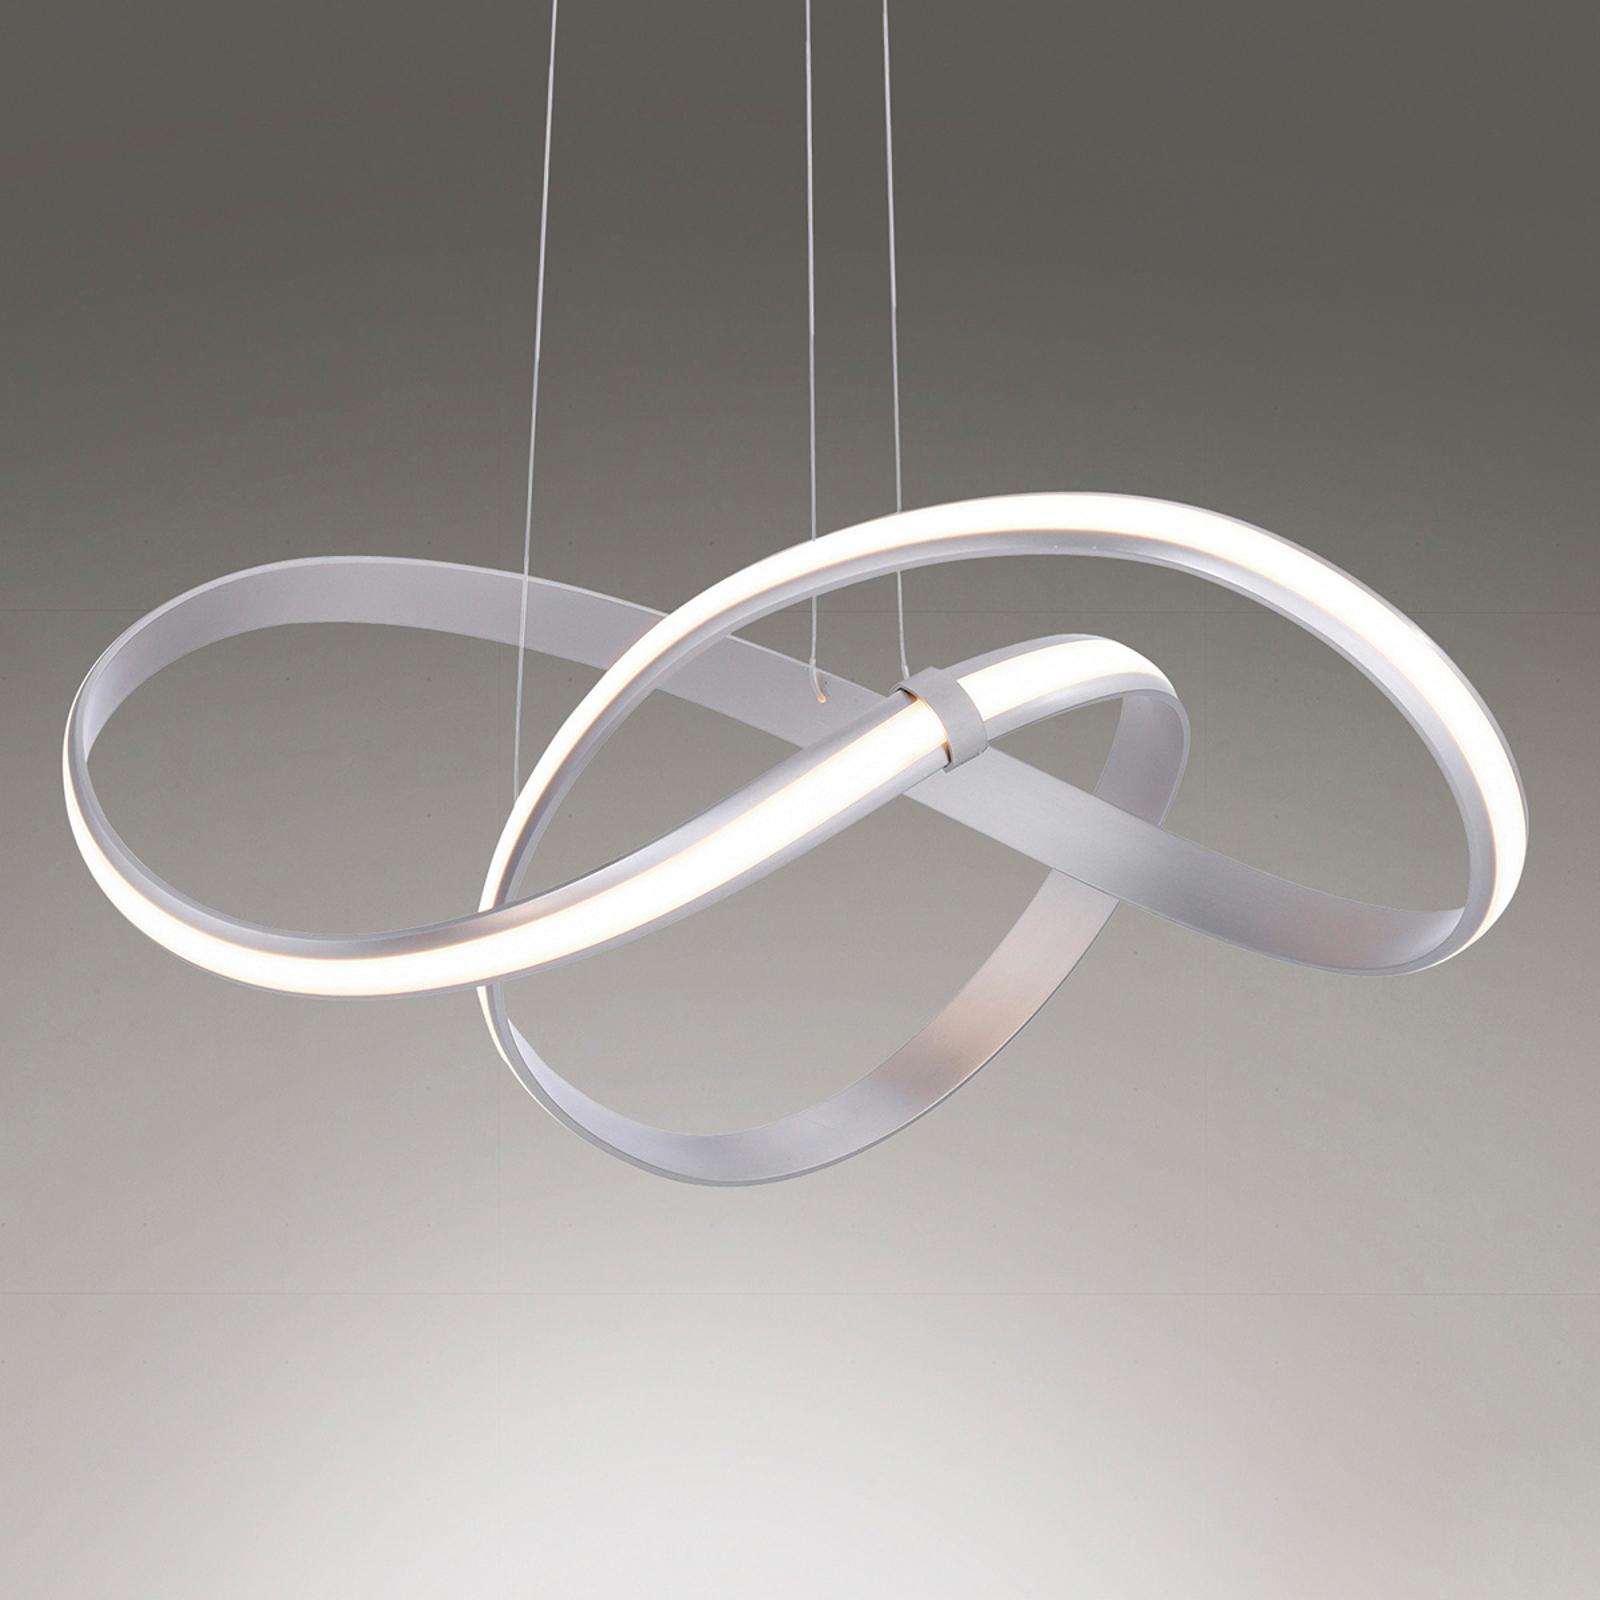 Lampa wisząca LED Melinda, 30W, szara stalowa